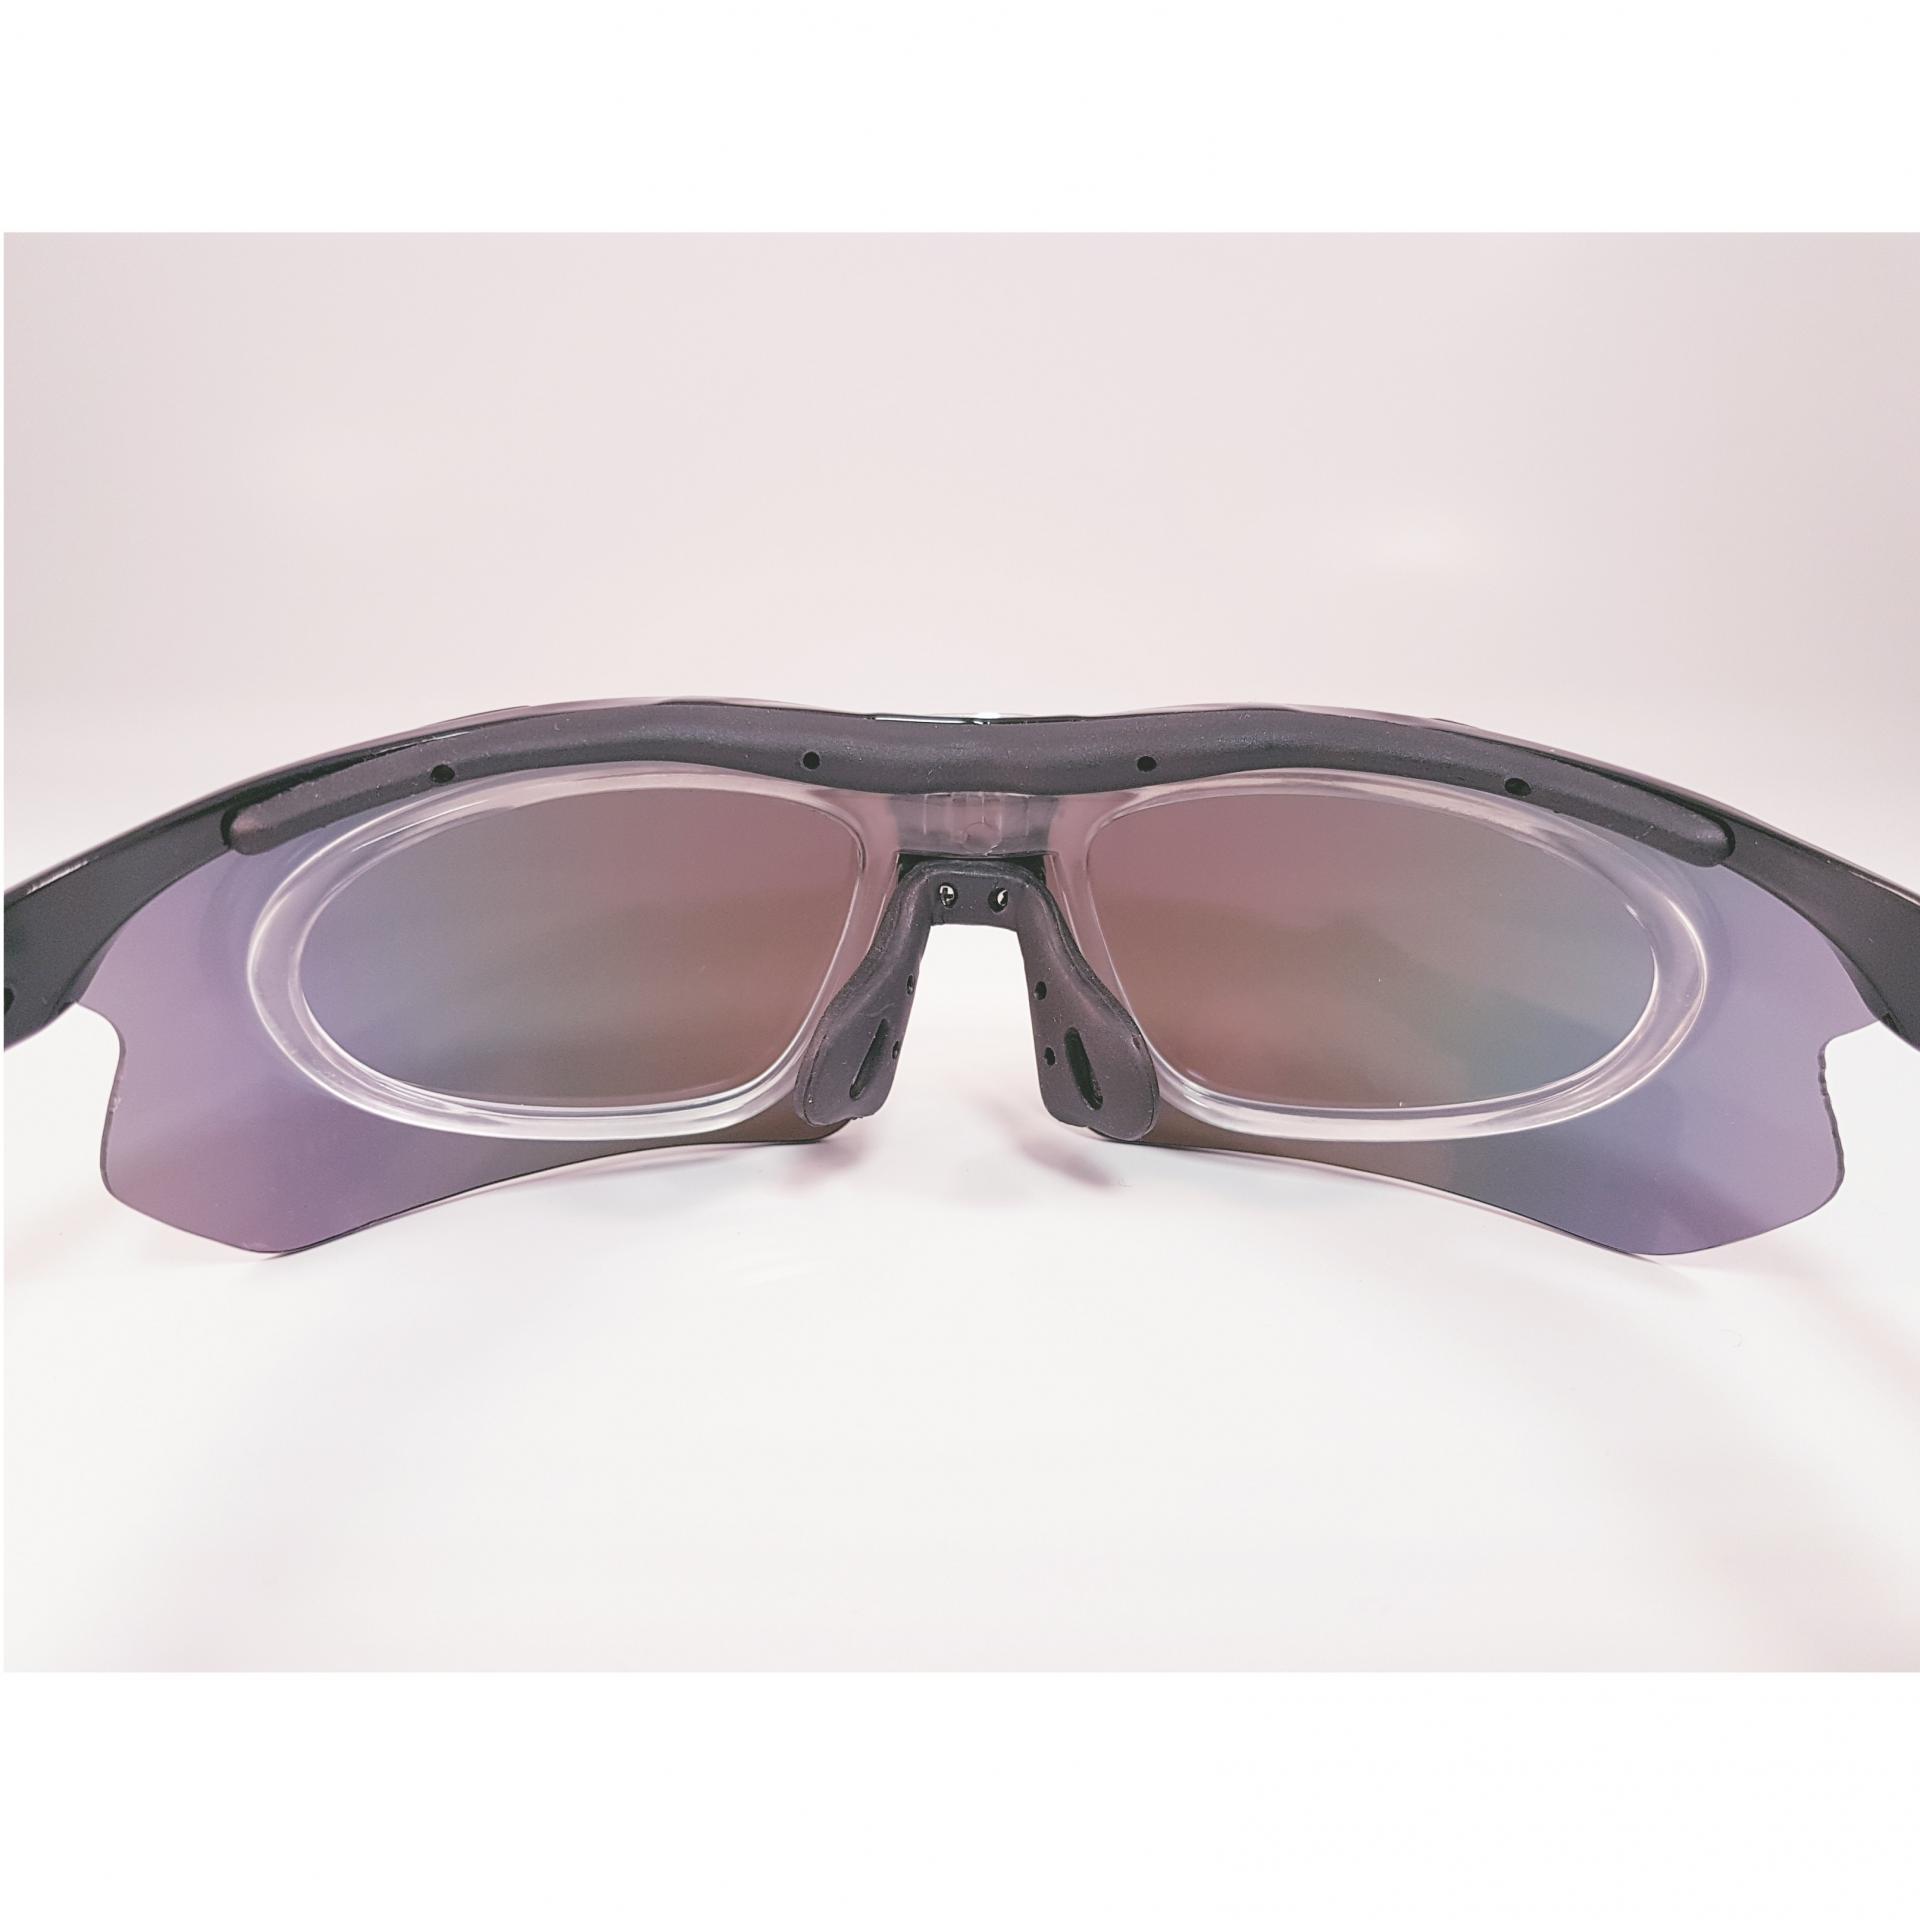 Lunettes de velo a la vue